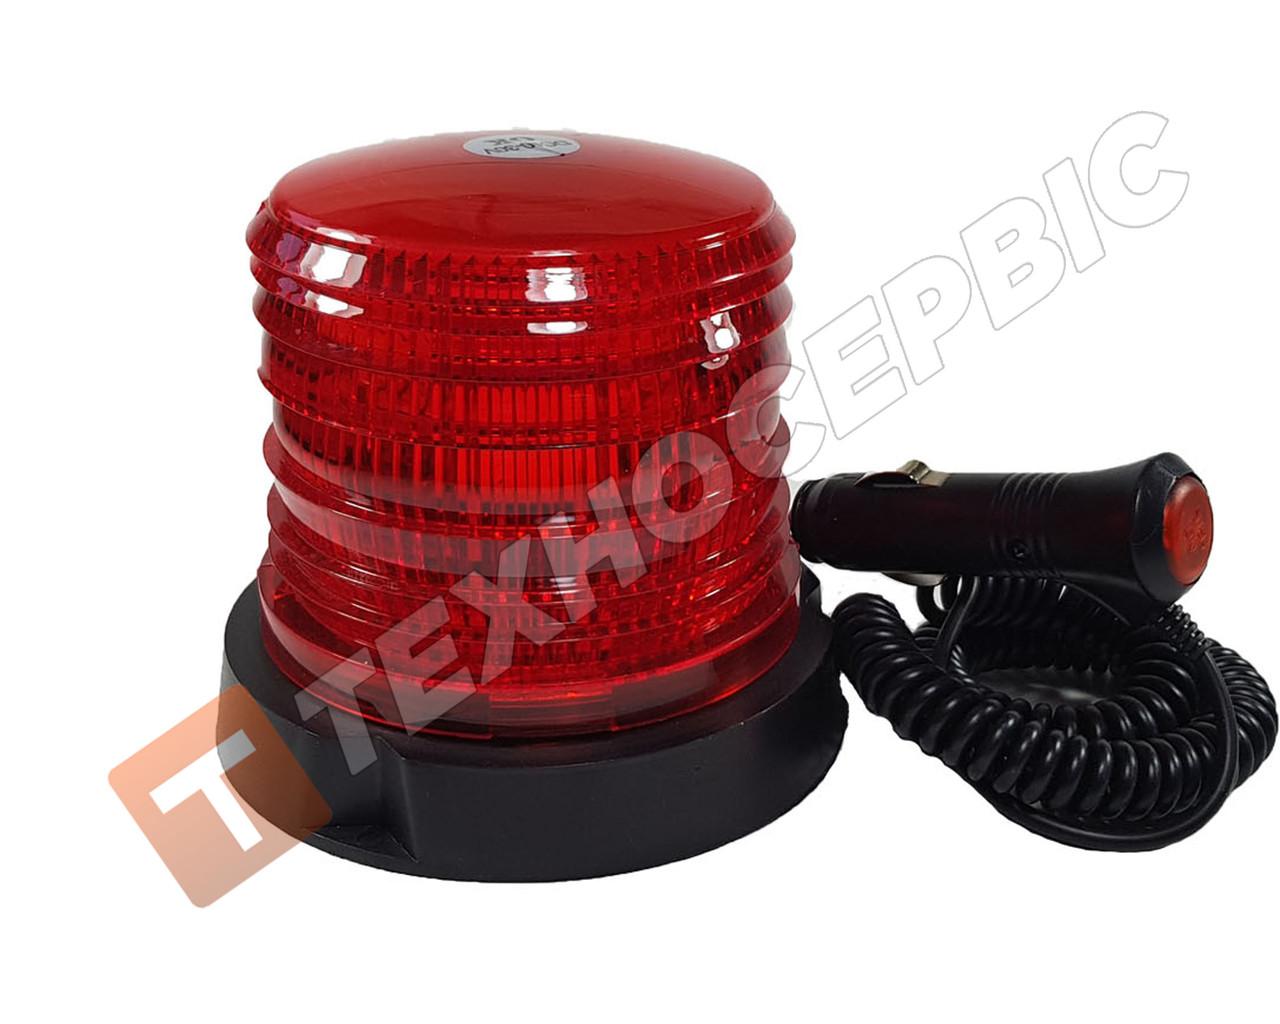 Маячок проблесковый,красный, светодиодный LED,12-24 Вольт (мигалка) магнитное крепление Турция 30 диодов